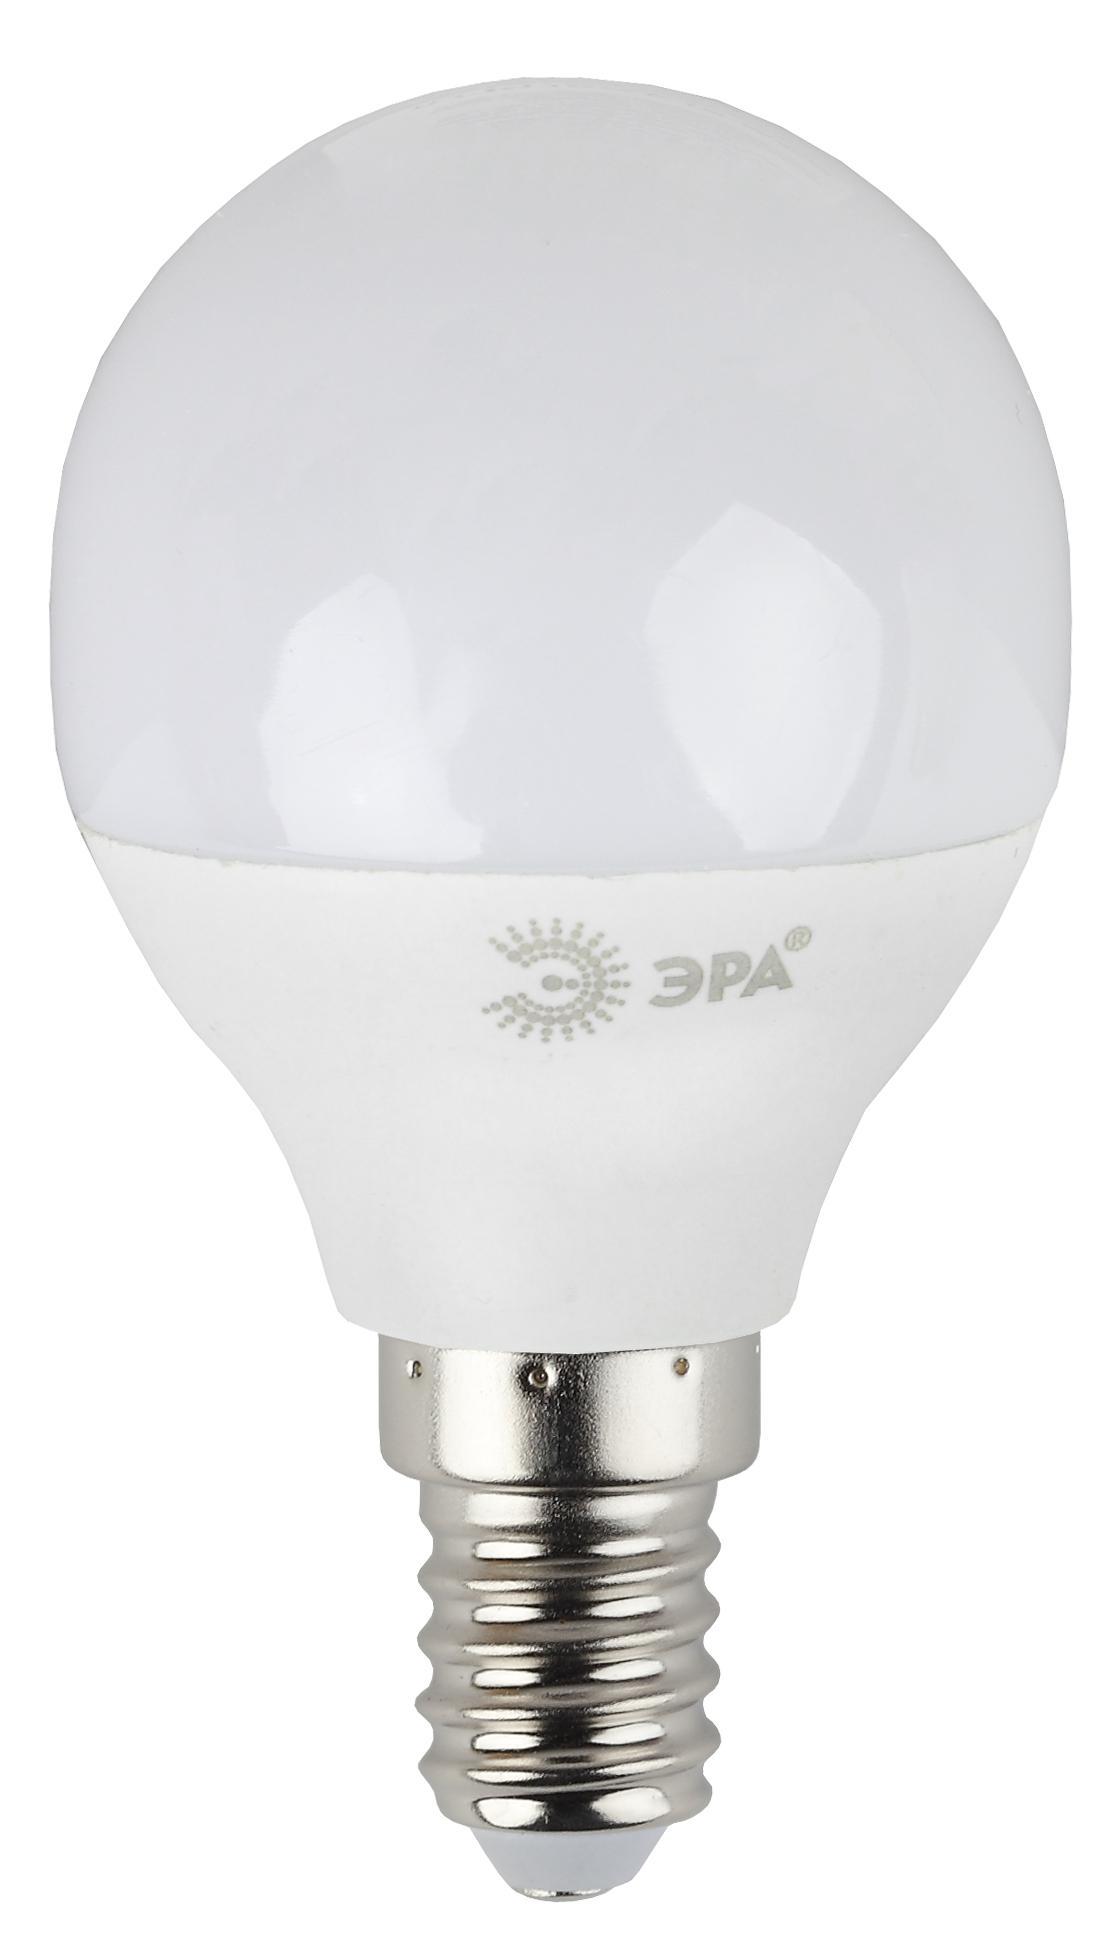 Лампа светодиодная ЭРА Led smd p45-7w-860-e14 лампа светодиодная эра led smd bxs 7w 840 e14 clear